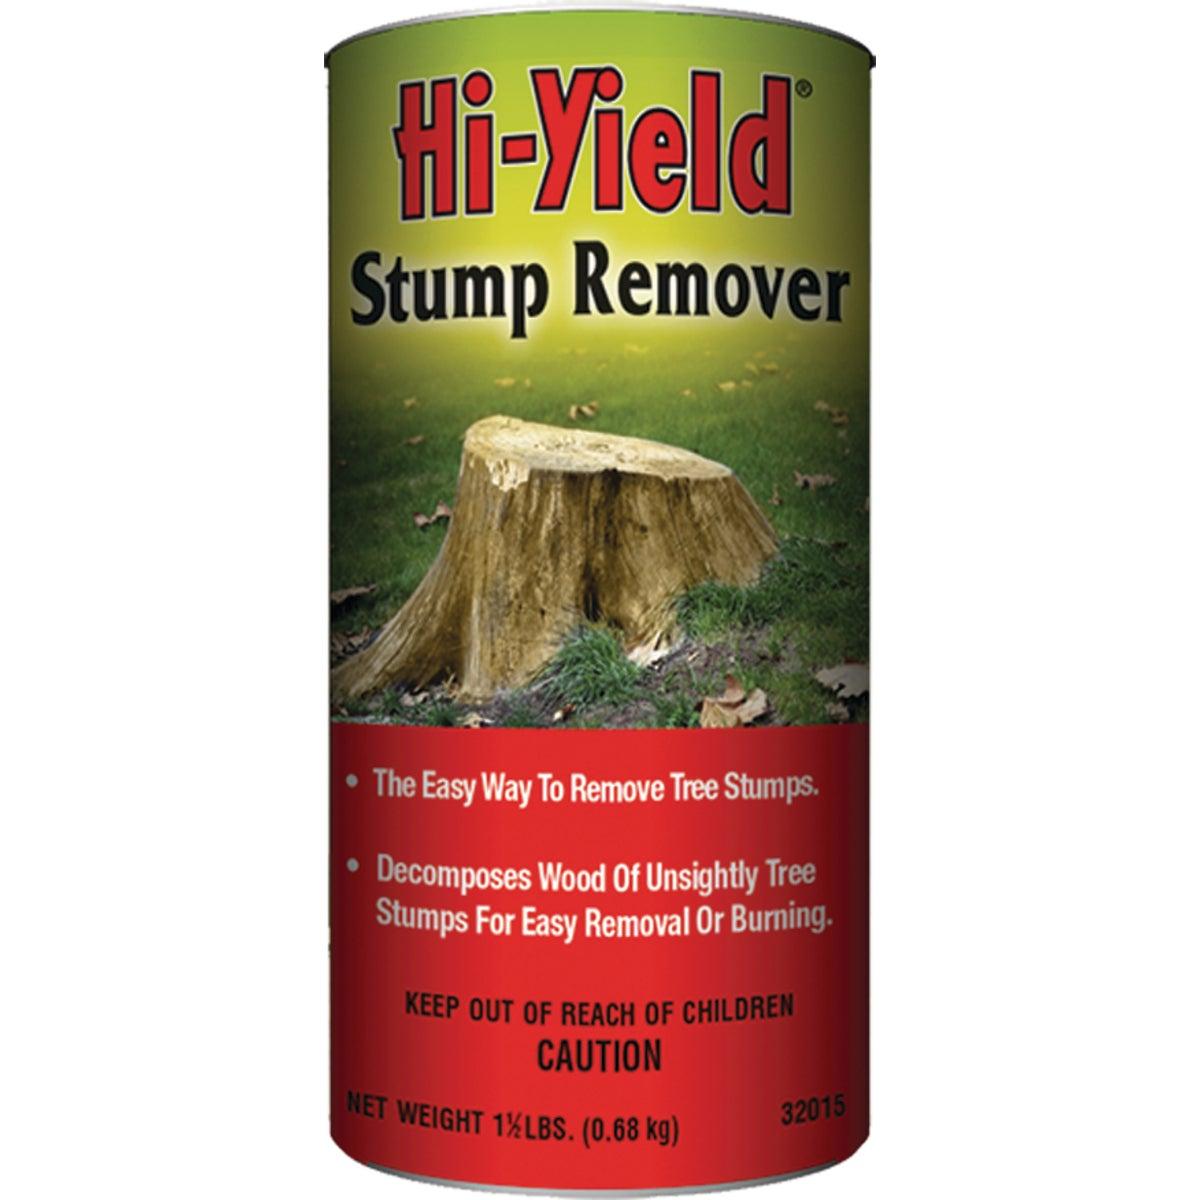 1.5LB STUMP REMOVER